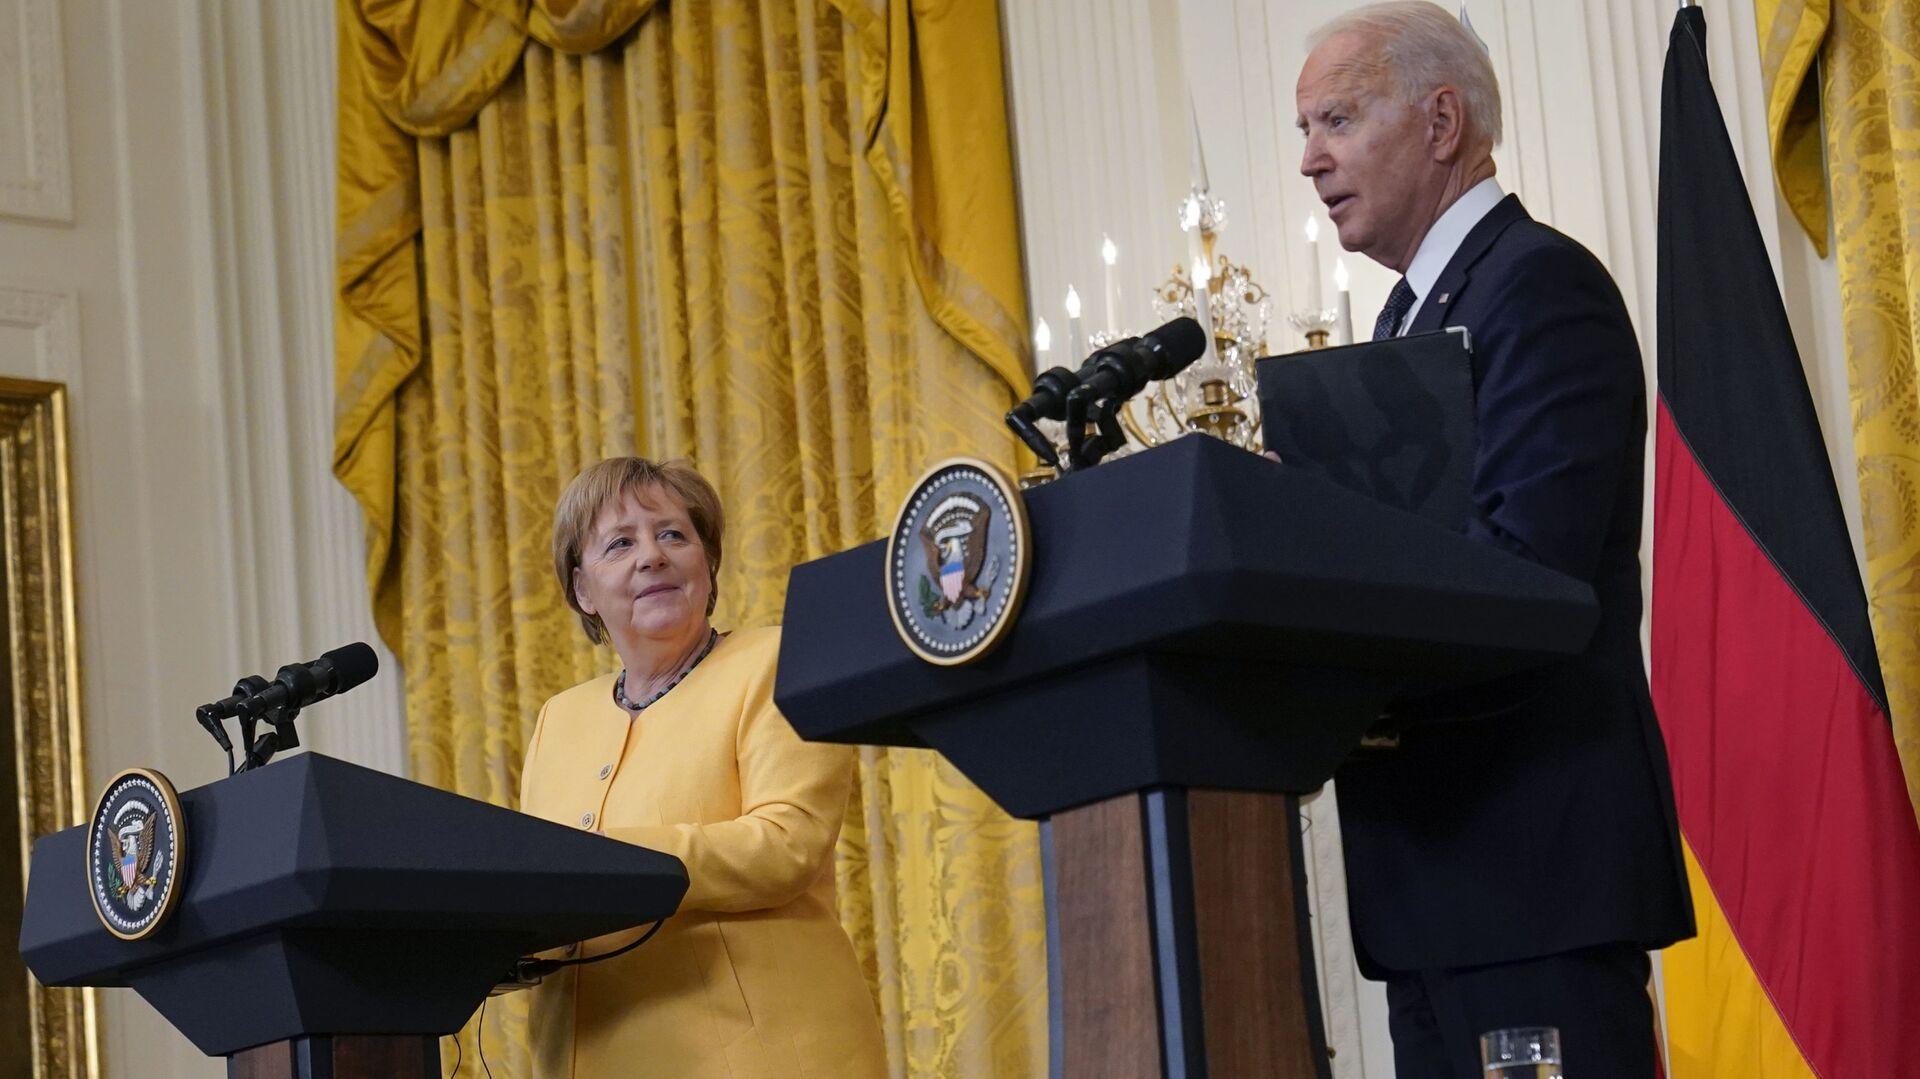 Americký prezident Biden a německá kancléřka Merkelová ve Washingtonu - Sputnik Česká republika, 1920, 02.08.2021